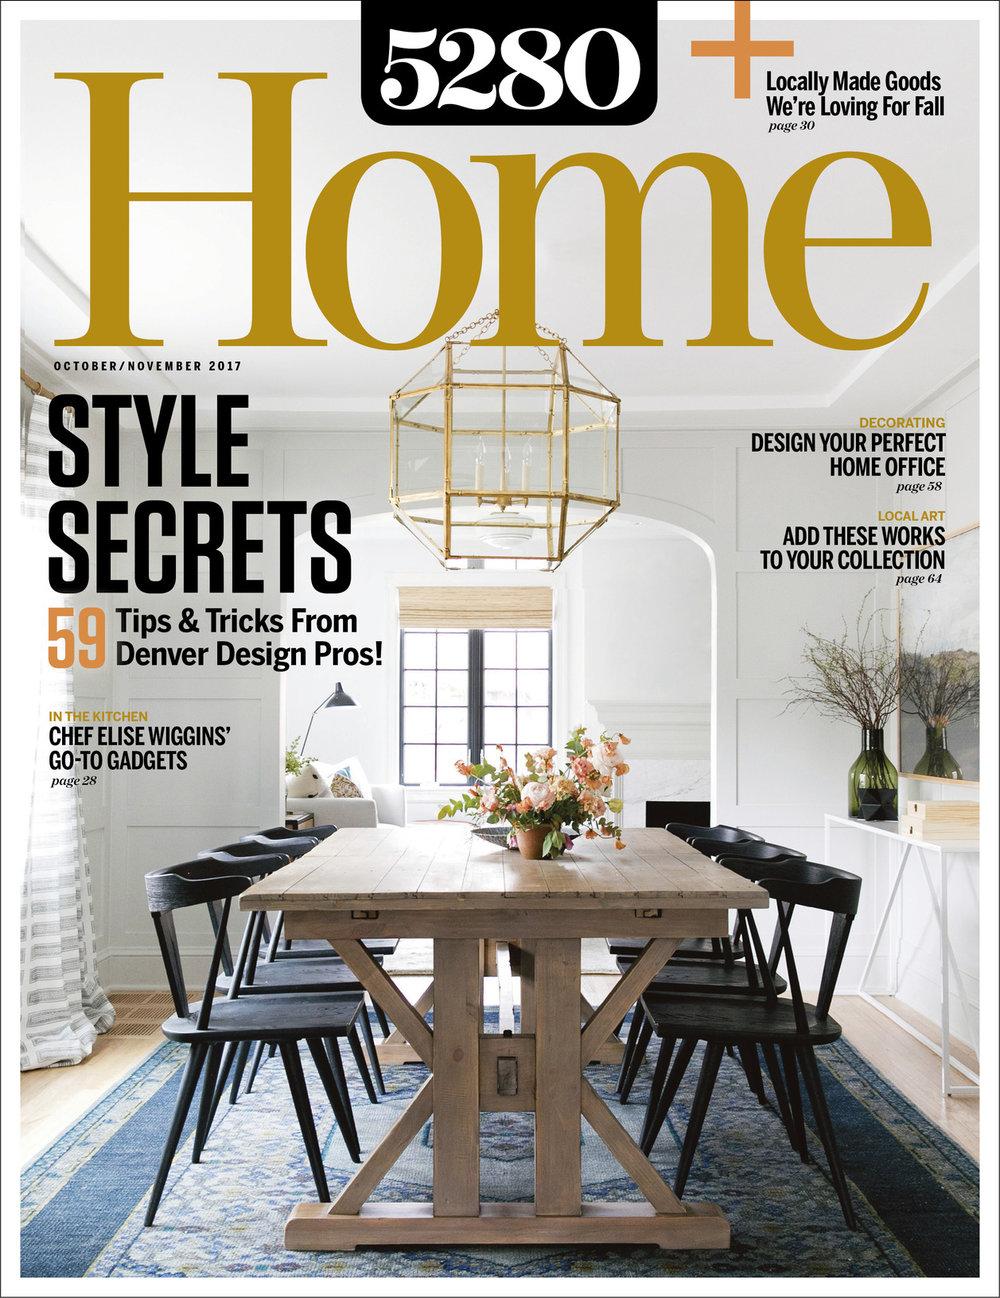 5280 Home, Fall 2017 -